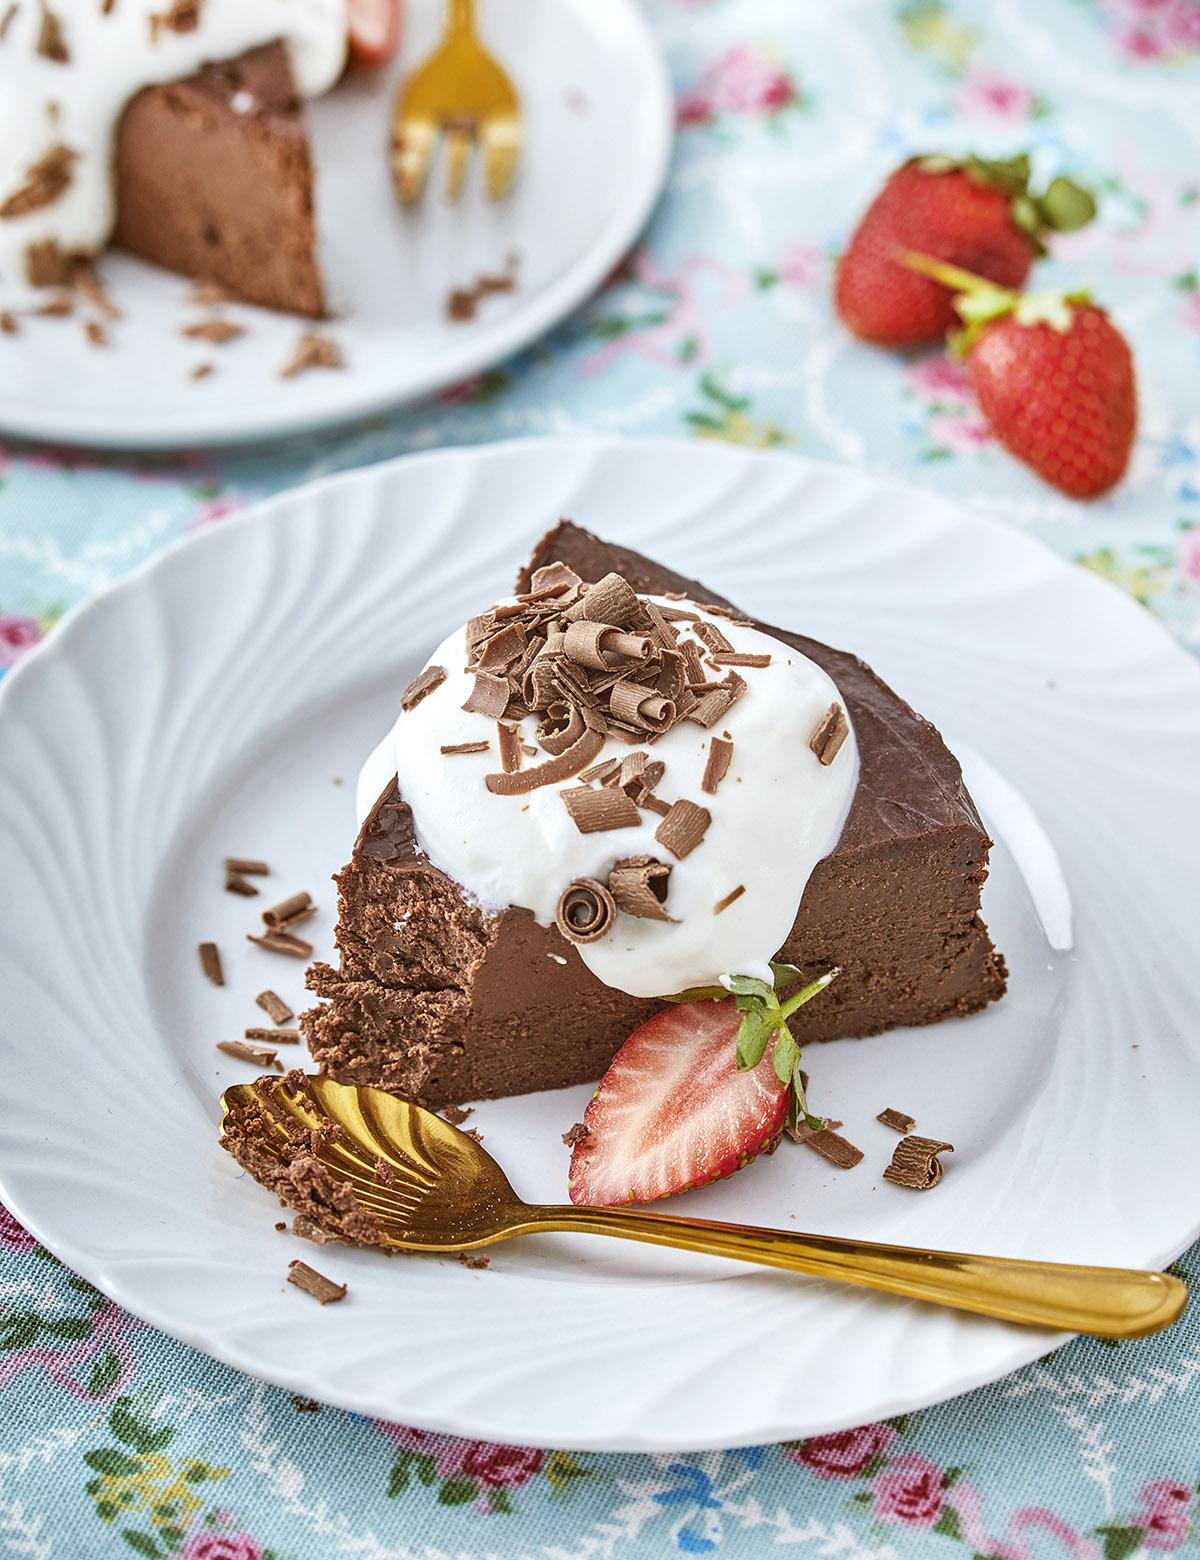 עוגת גבינה ושוקולד עם קצפת. צילום: אפיק גבאי